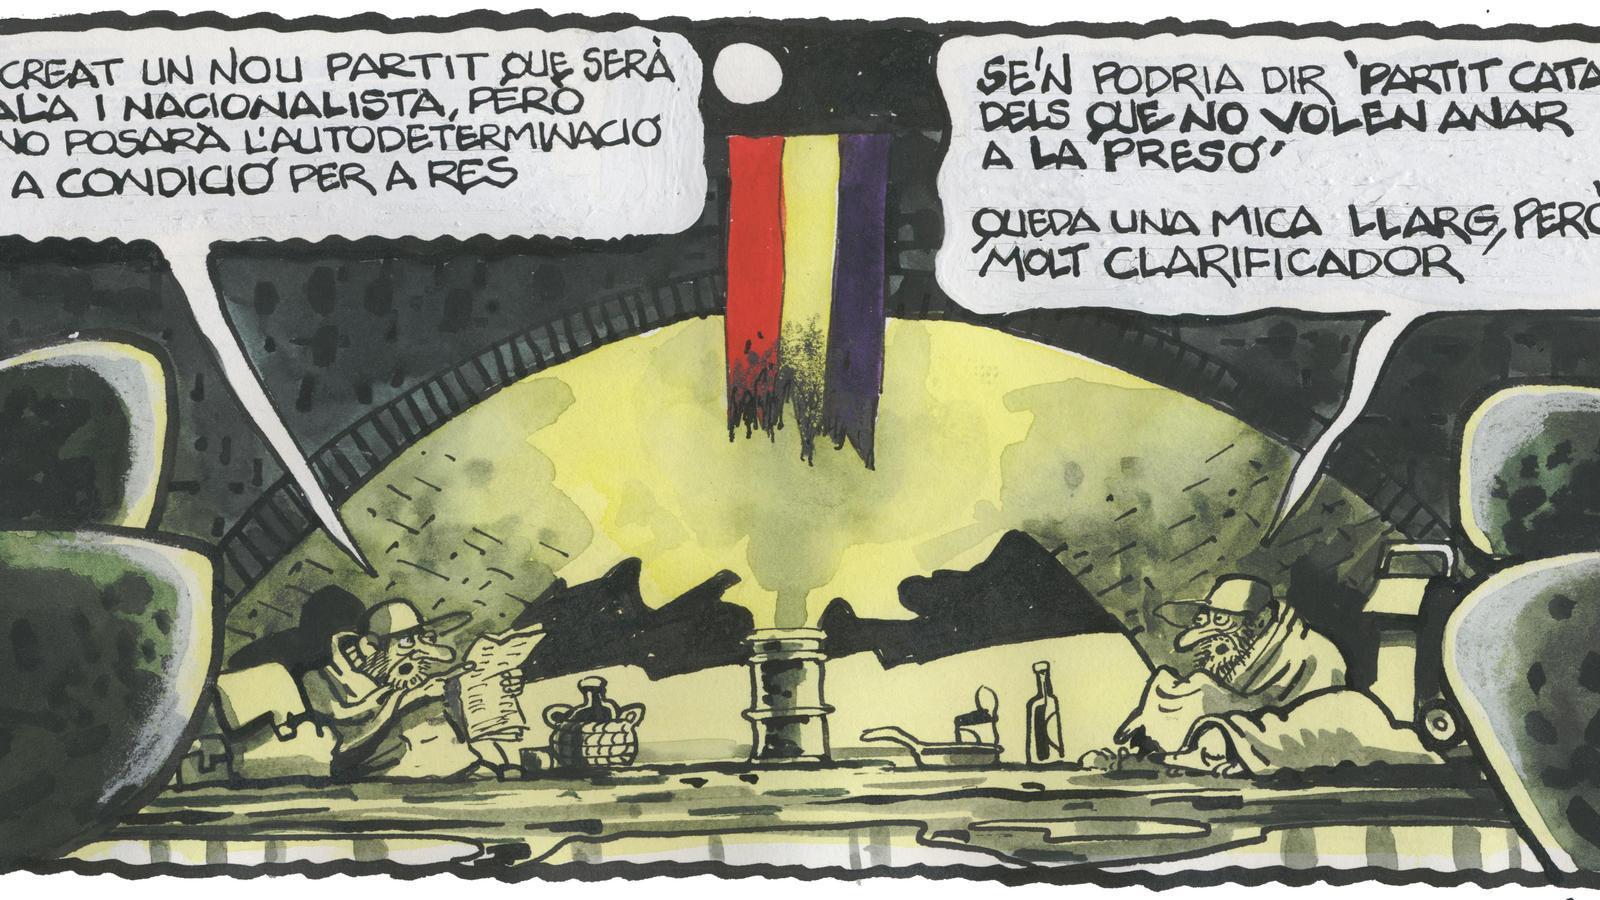 'A la contra', per Ferreres 26/05/2020